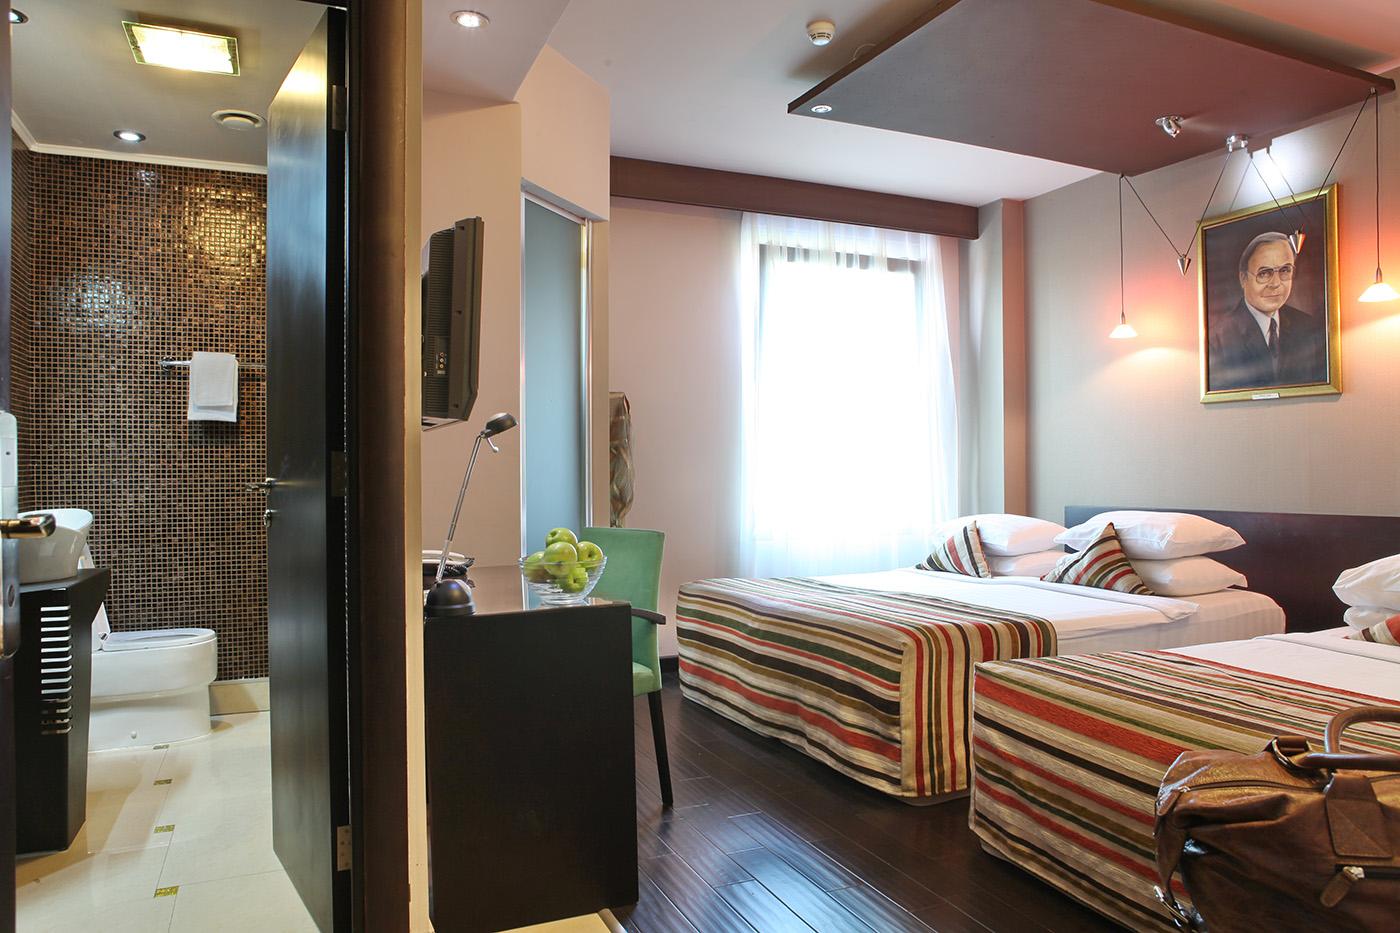 Apartm parket 1 levelo podovi for Design hotel mr president karadjordjeva 75